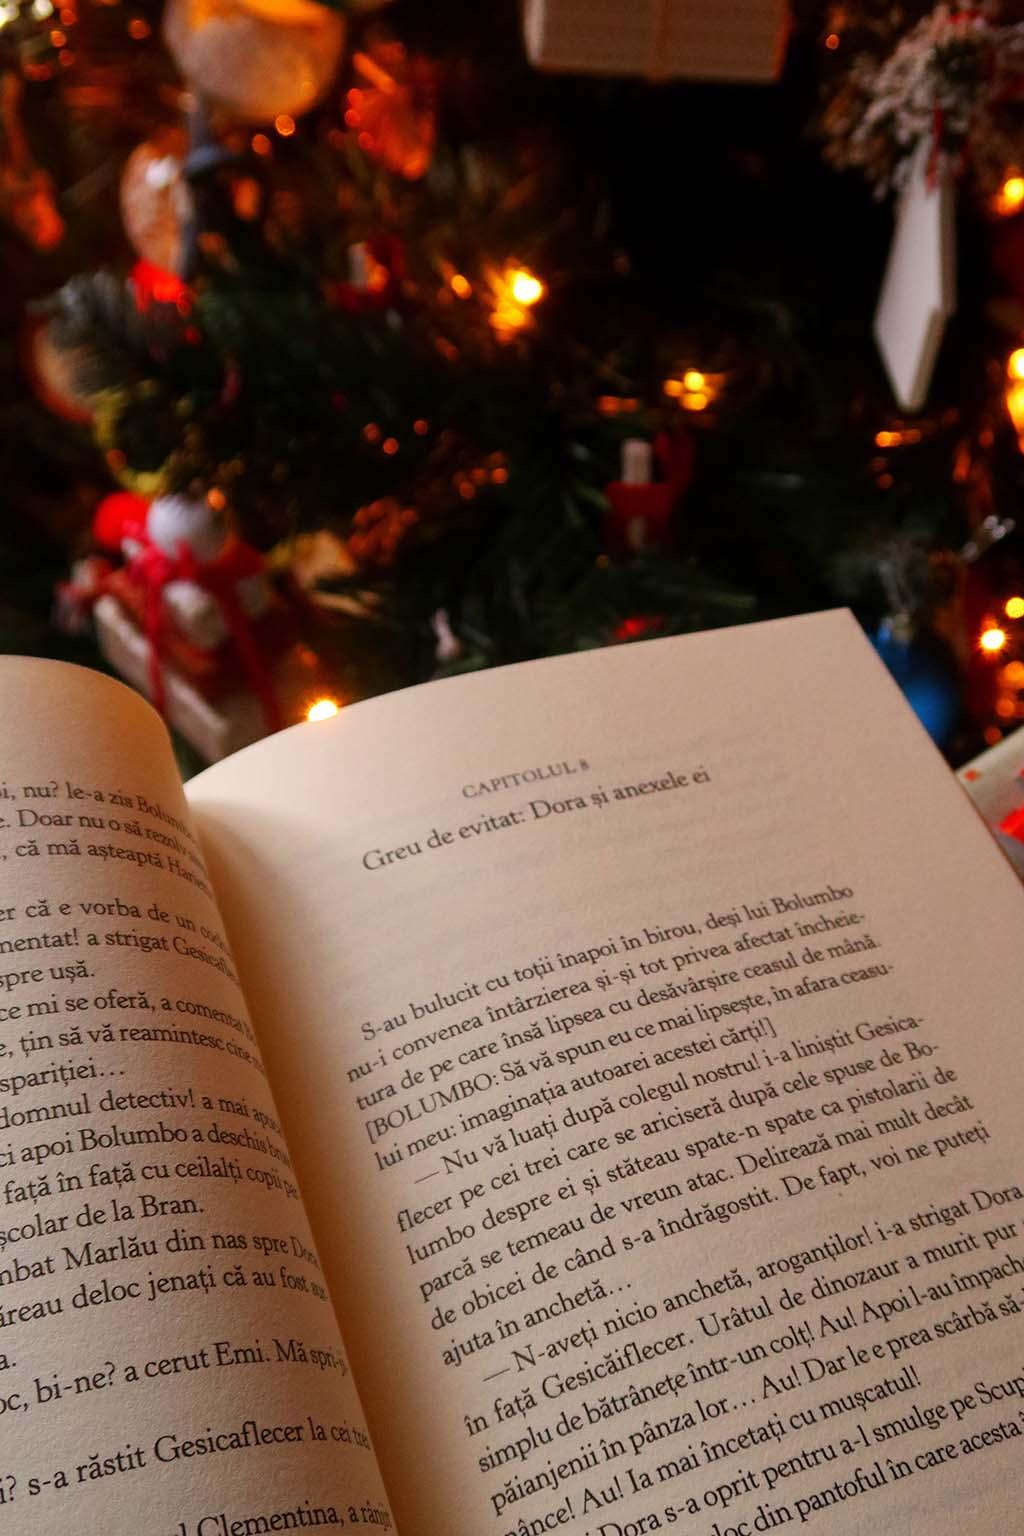 libris recenzie carte idei carti lectura vraja spinilor margaret rogerson detectivii aerieni o vacanta de groaza ana rotea